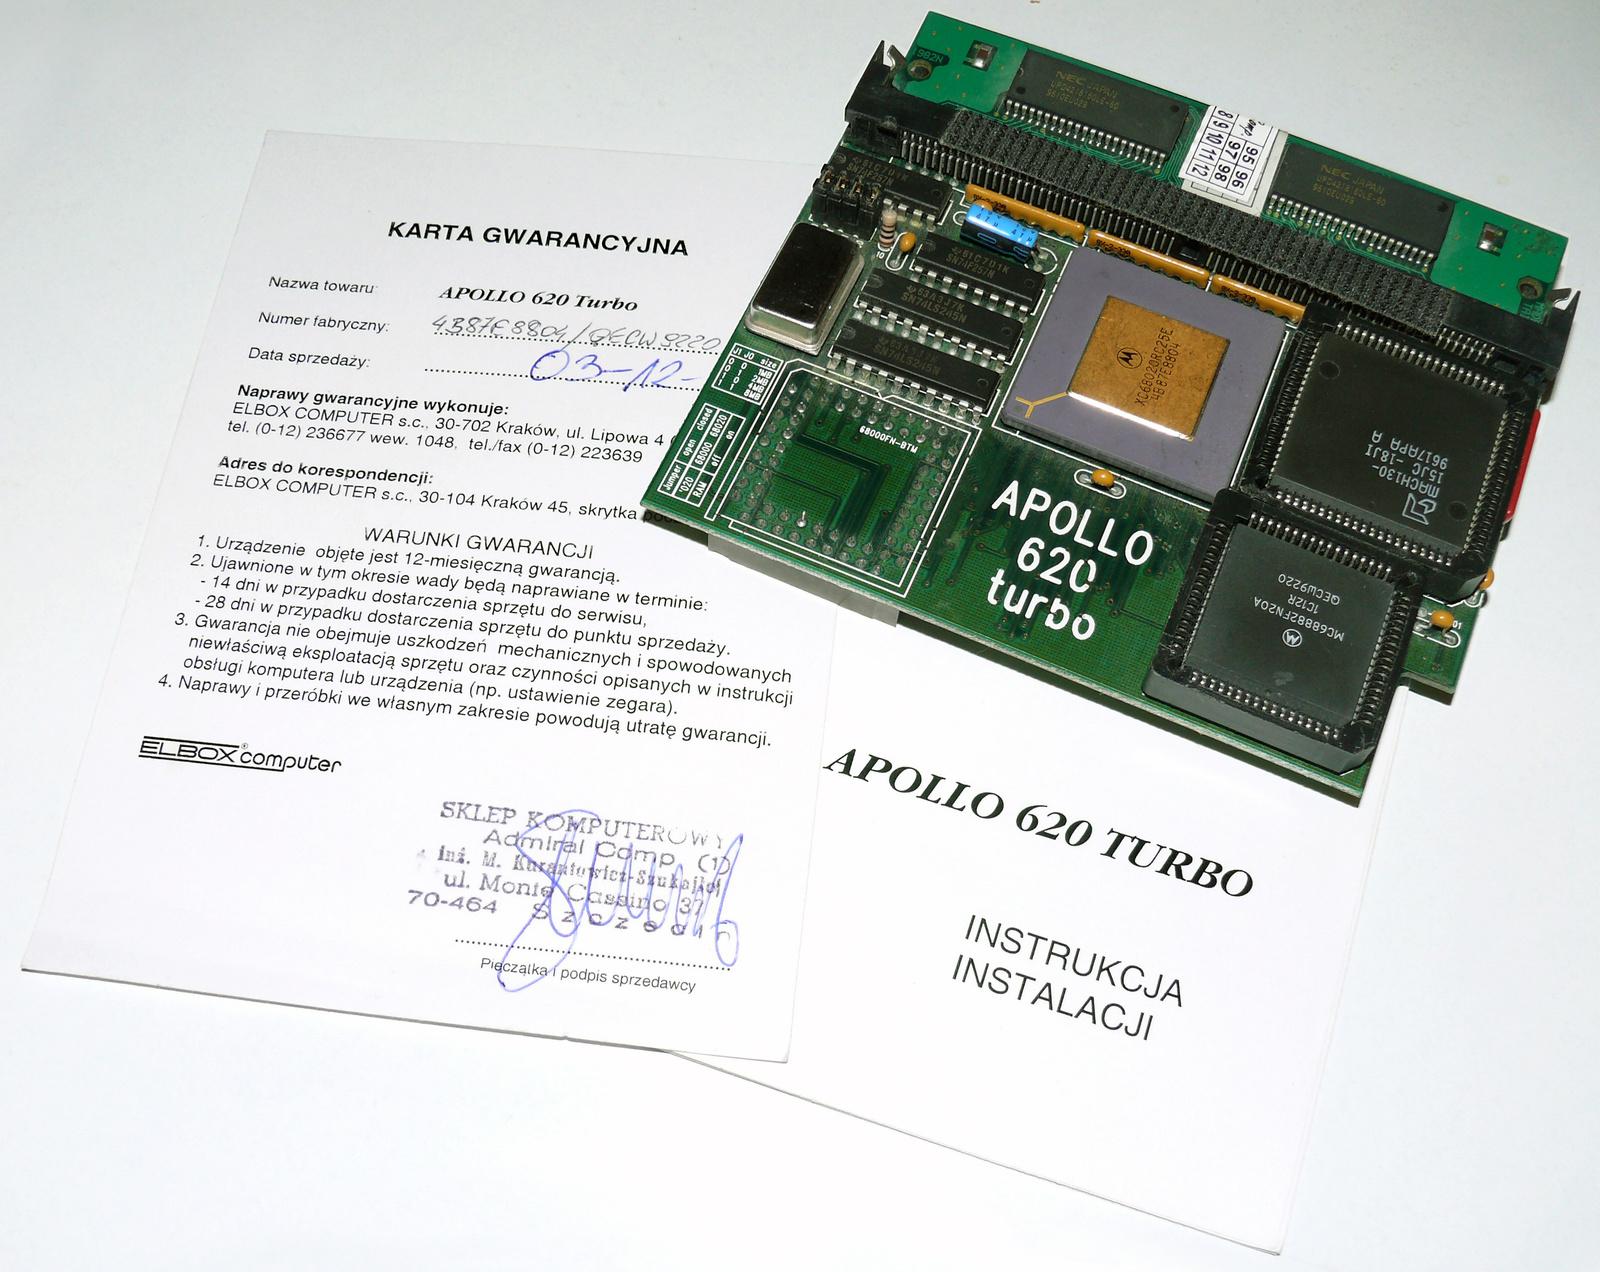 Elbox Apollo 620 Turbo